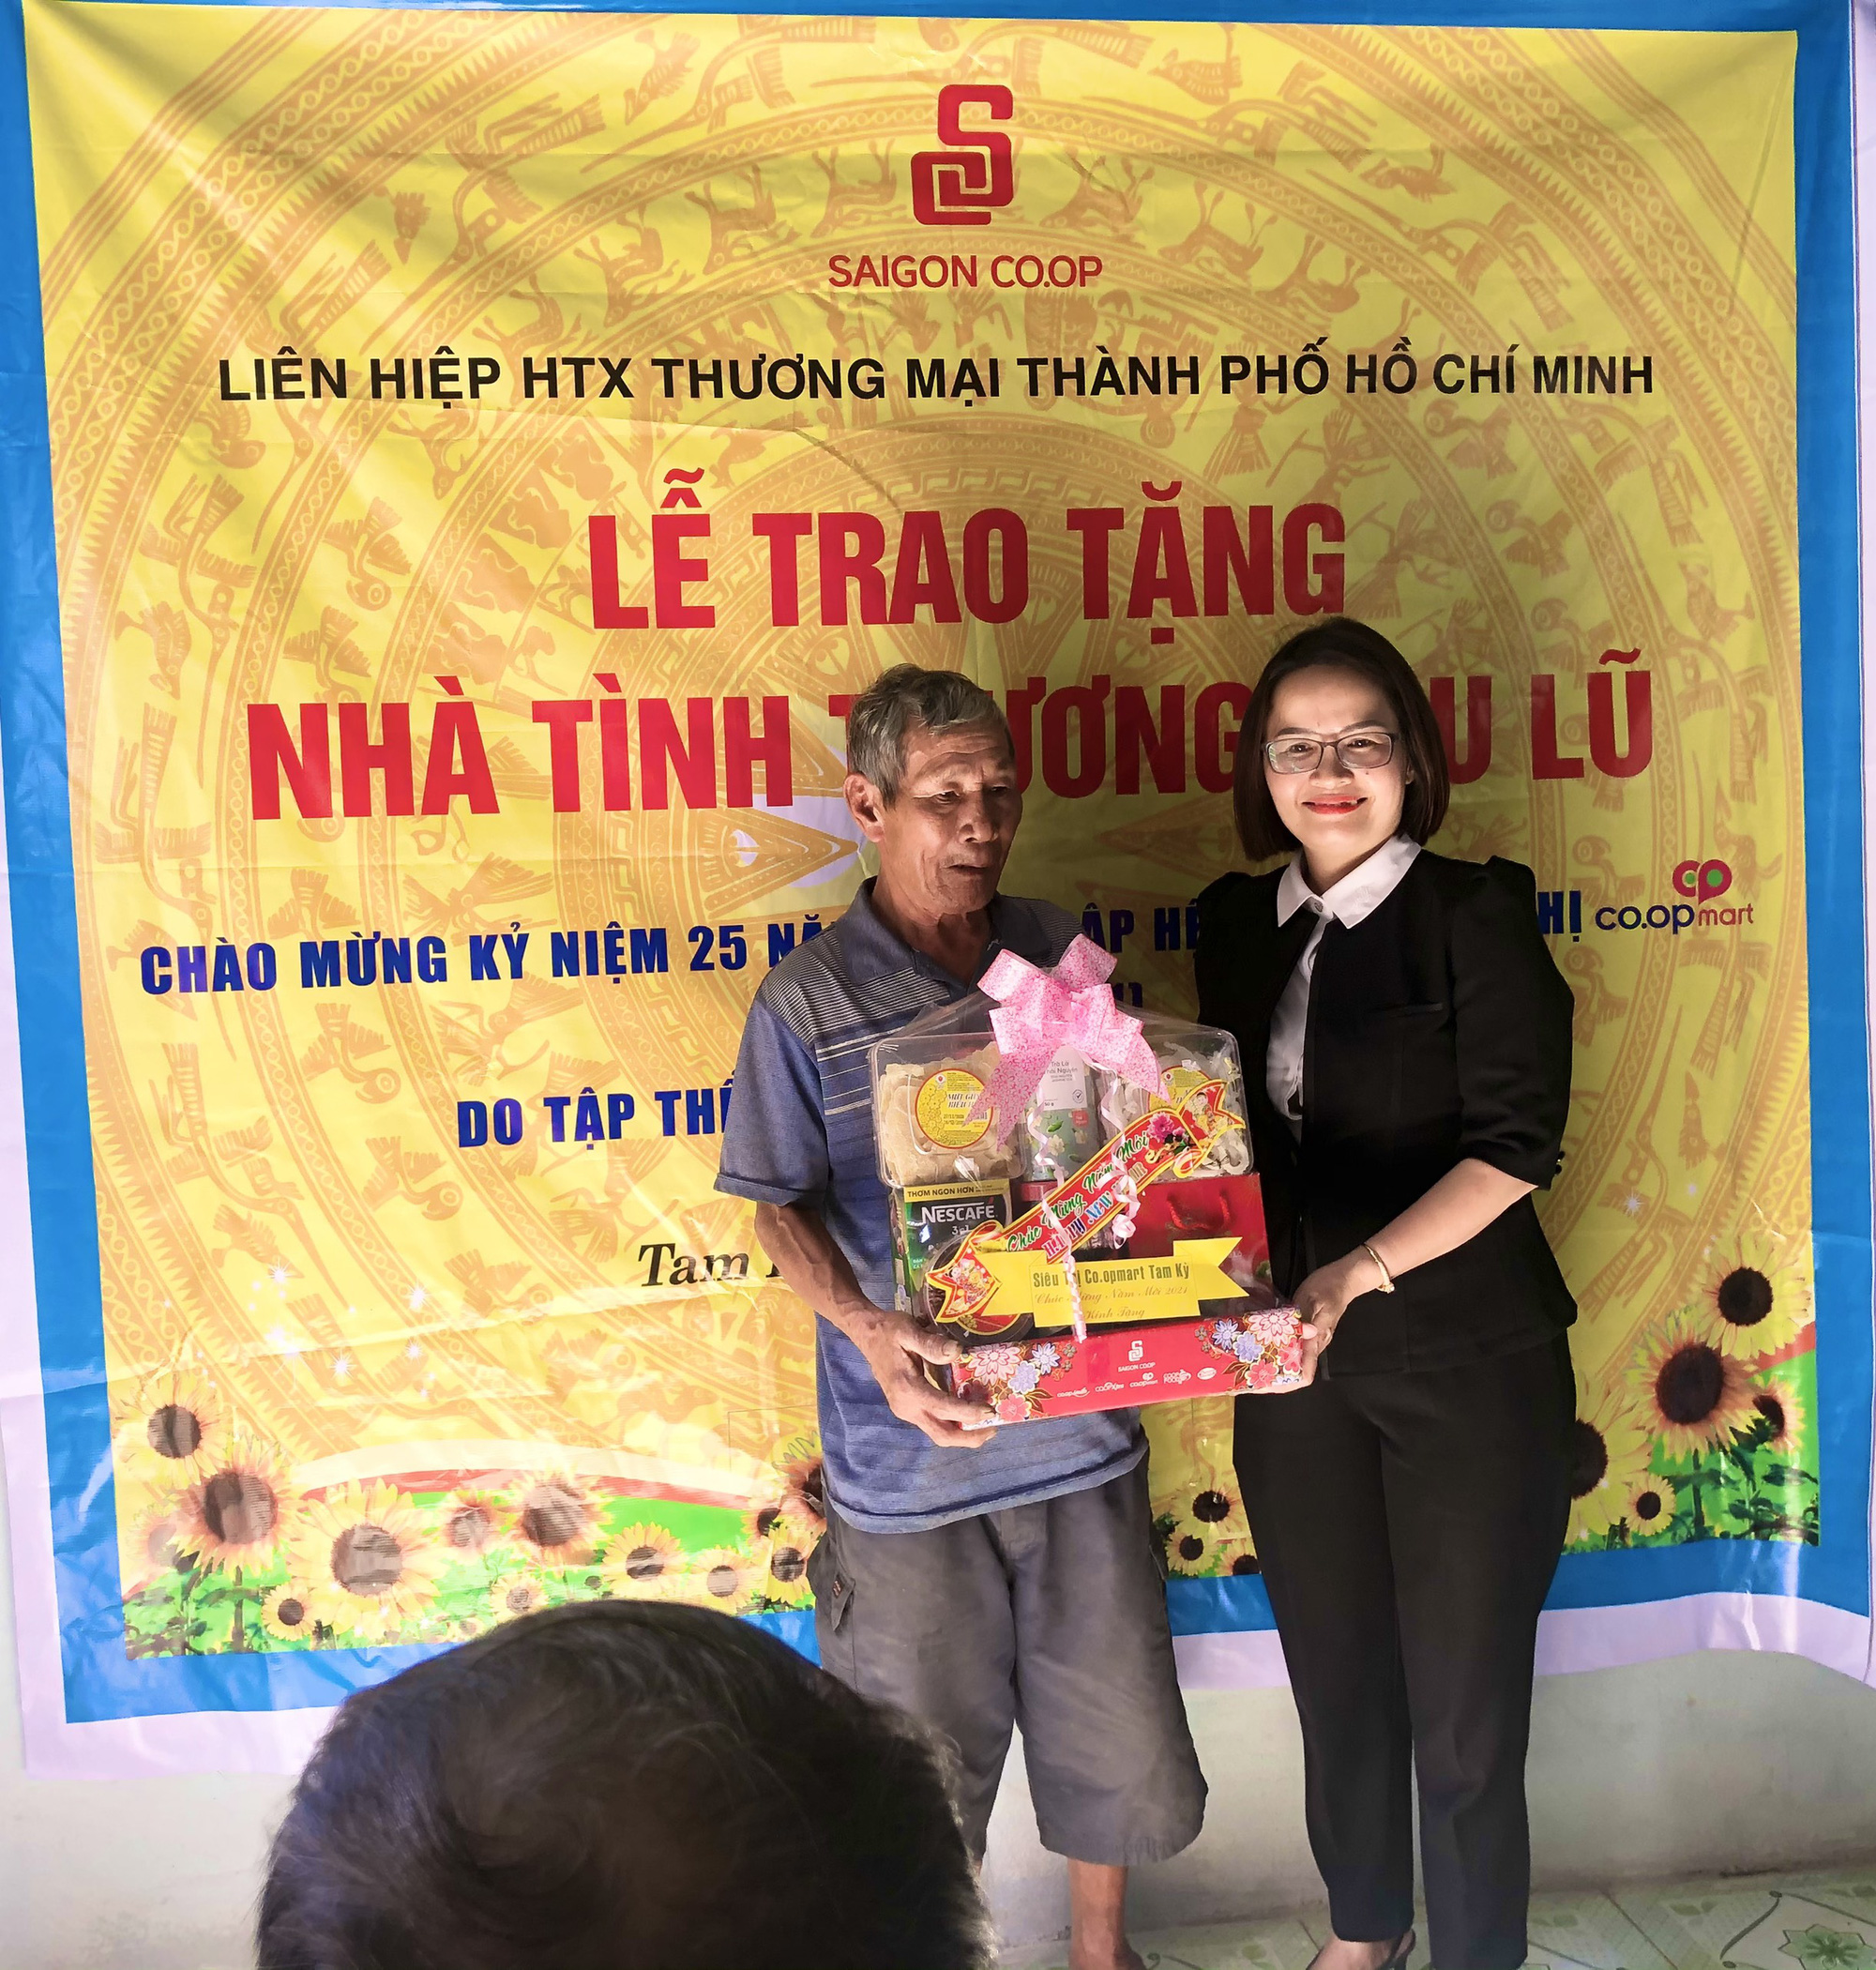 Quảng Nam: Mang xuân đến với bà con nông dân xứ Quảng - Ảnh 4.